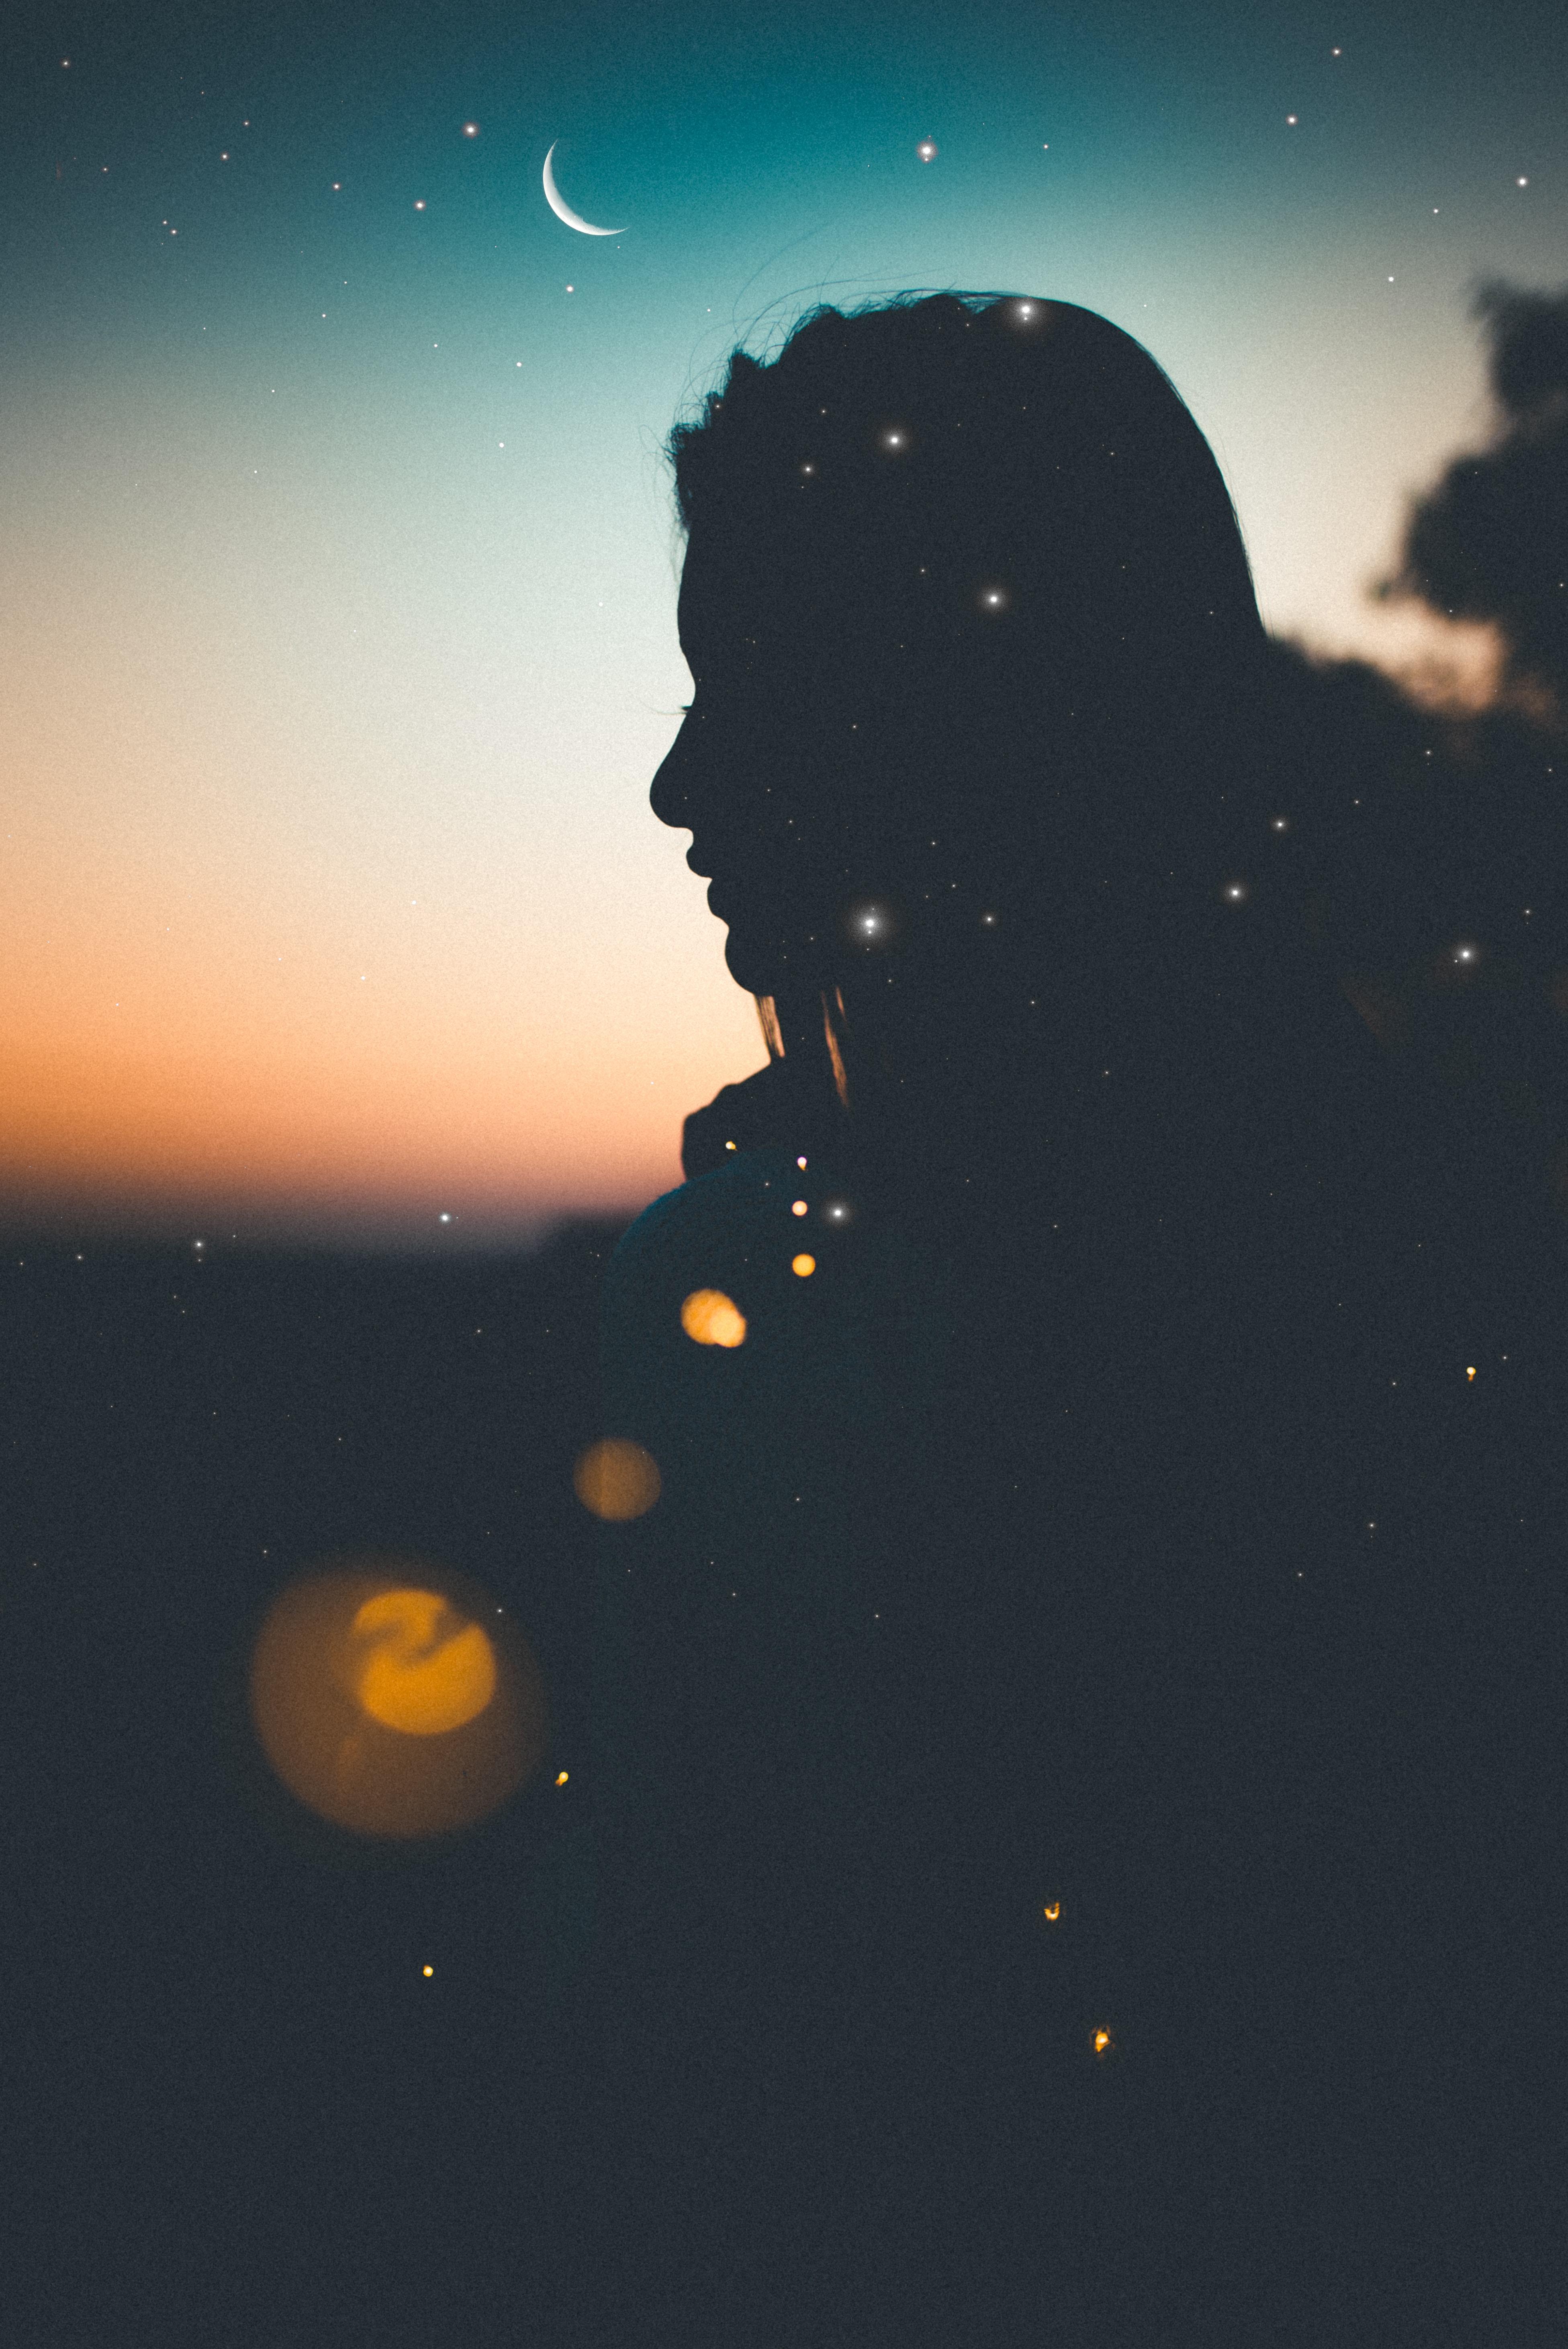 Sad woman in the night